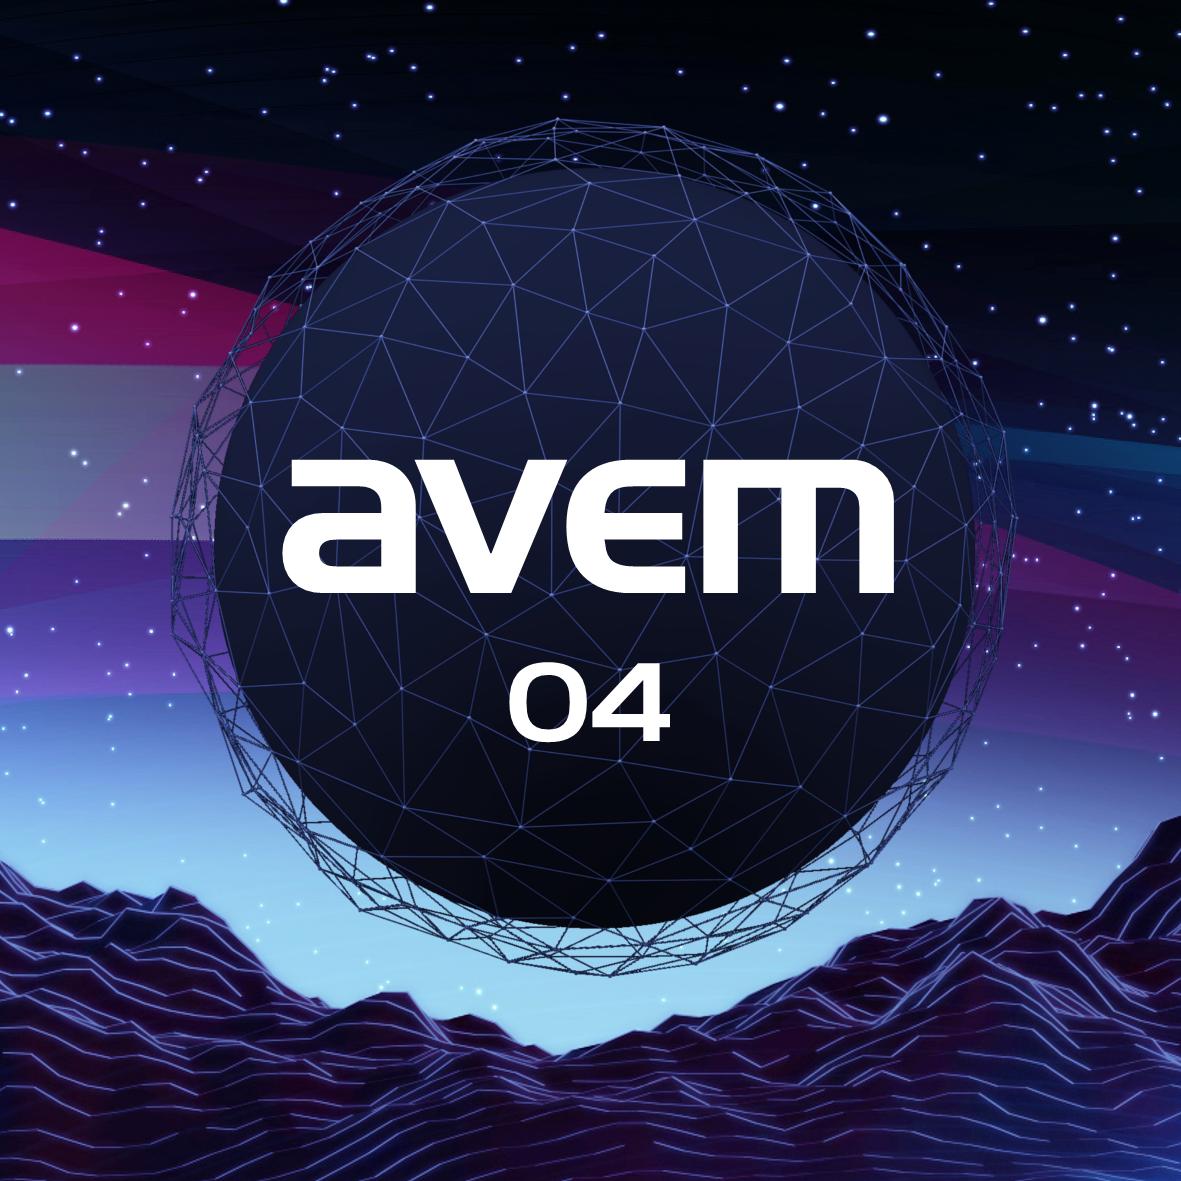 AVEM 04